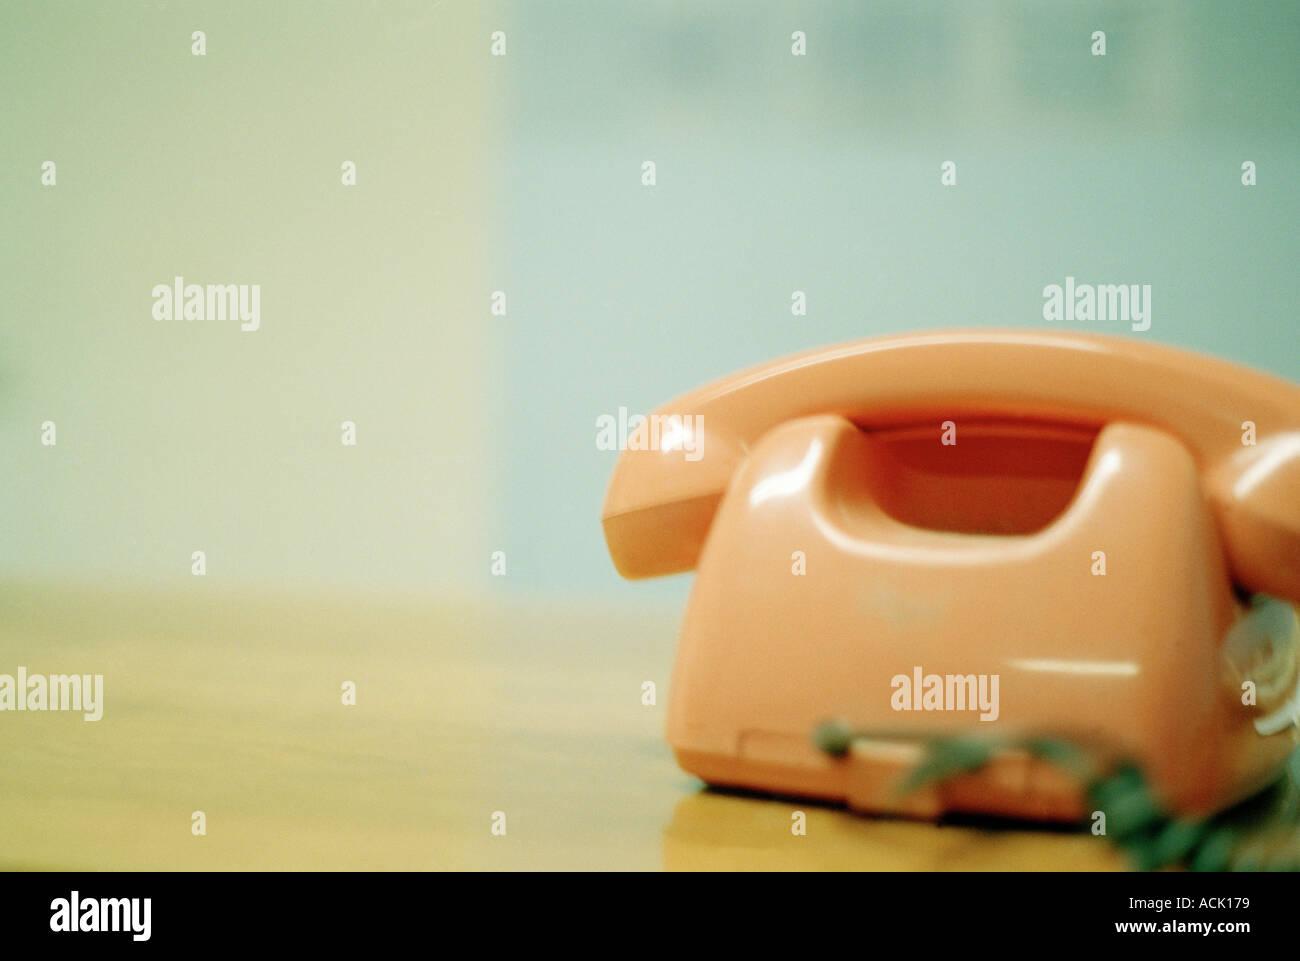 Un teléfono retro descansando sobre una mesa Imagen De Stock